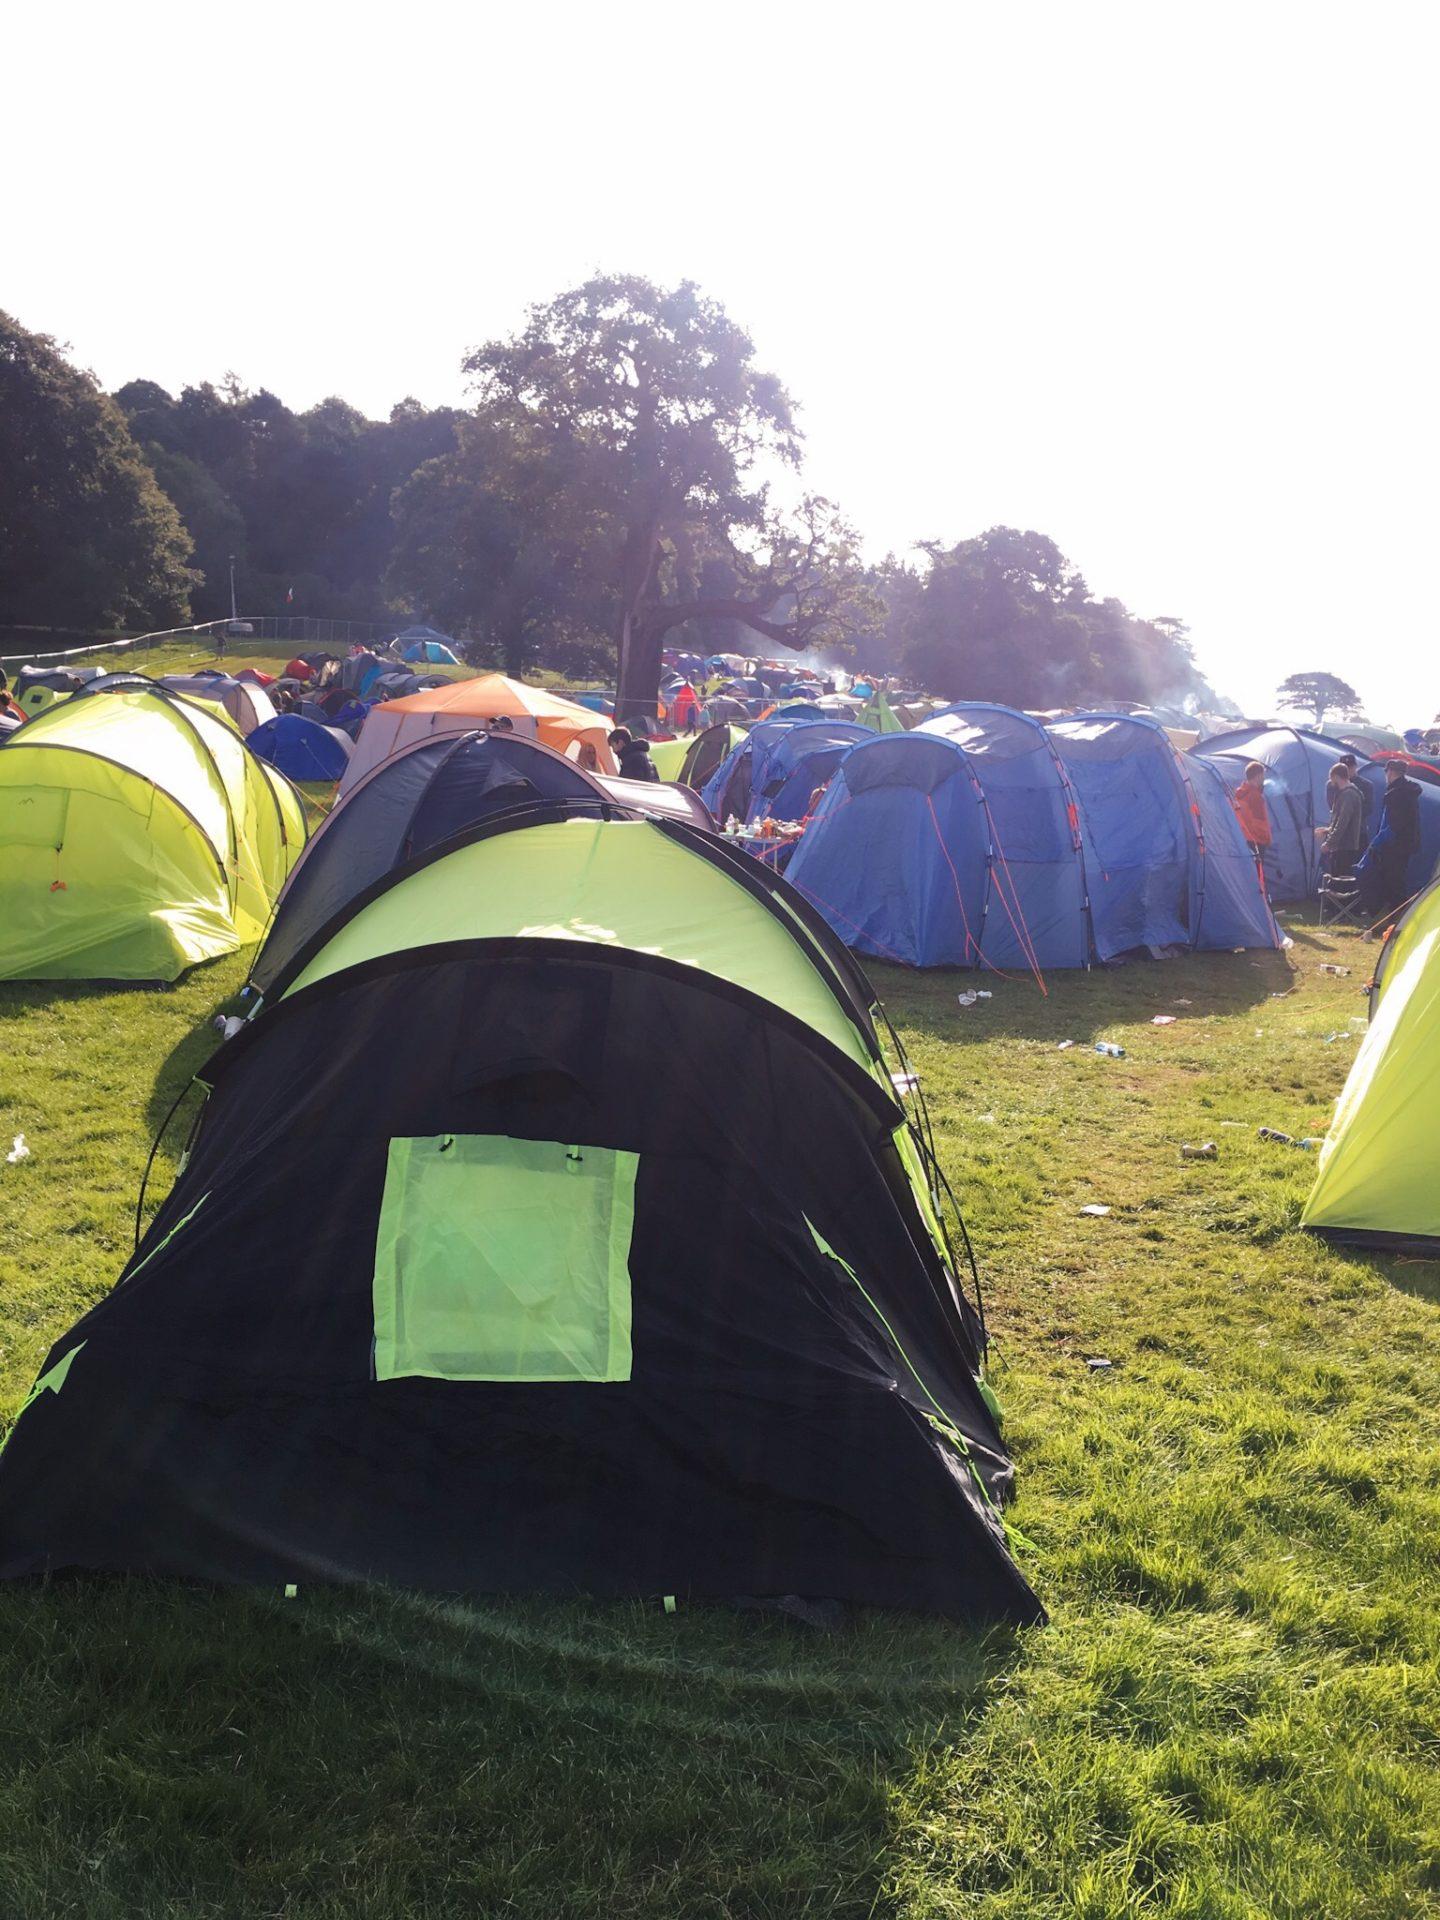 Camping at V Festival